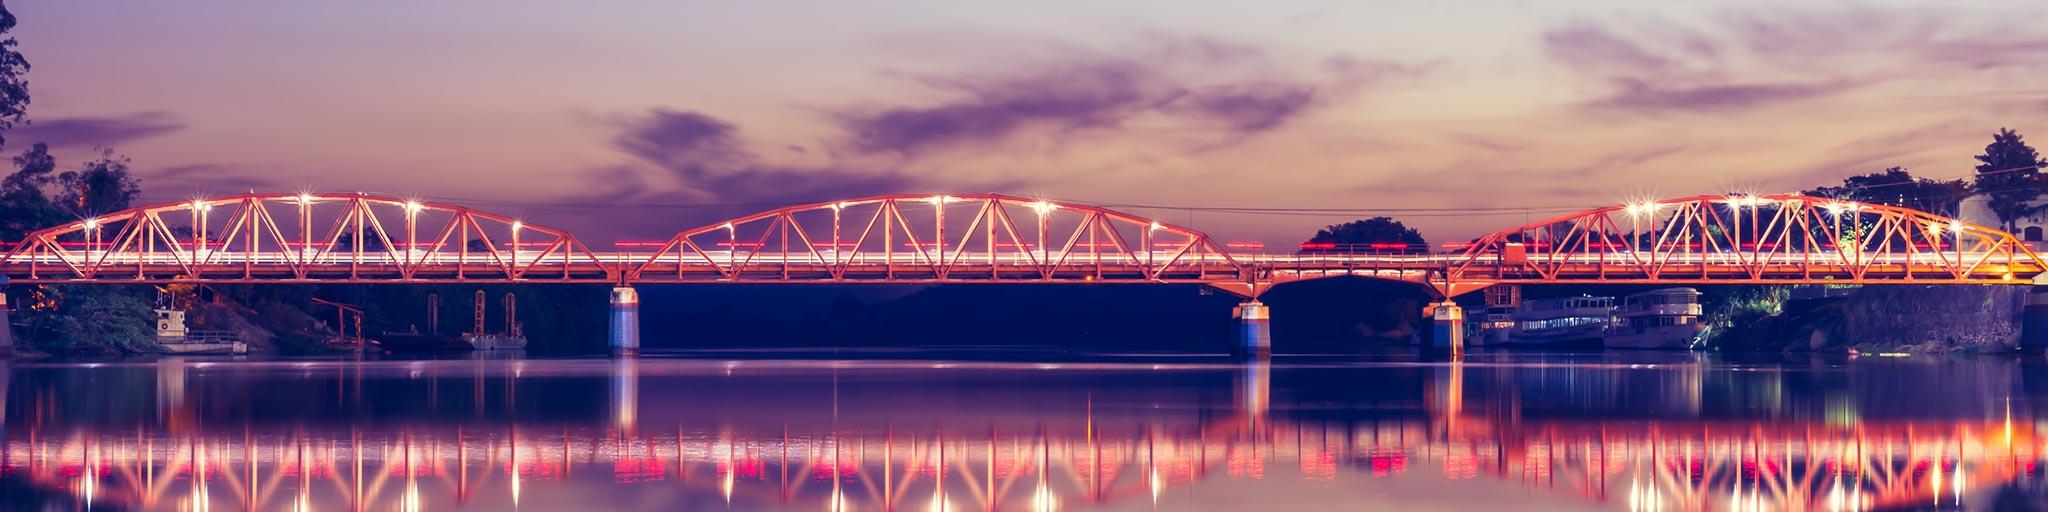 Ponte em Barra Bonita SP